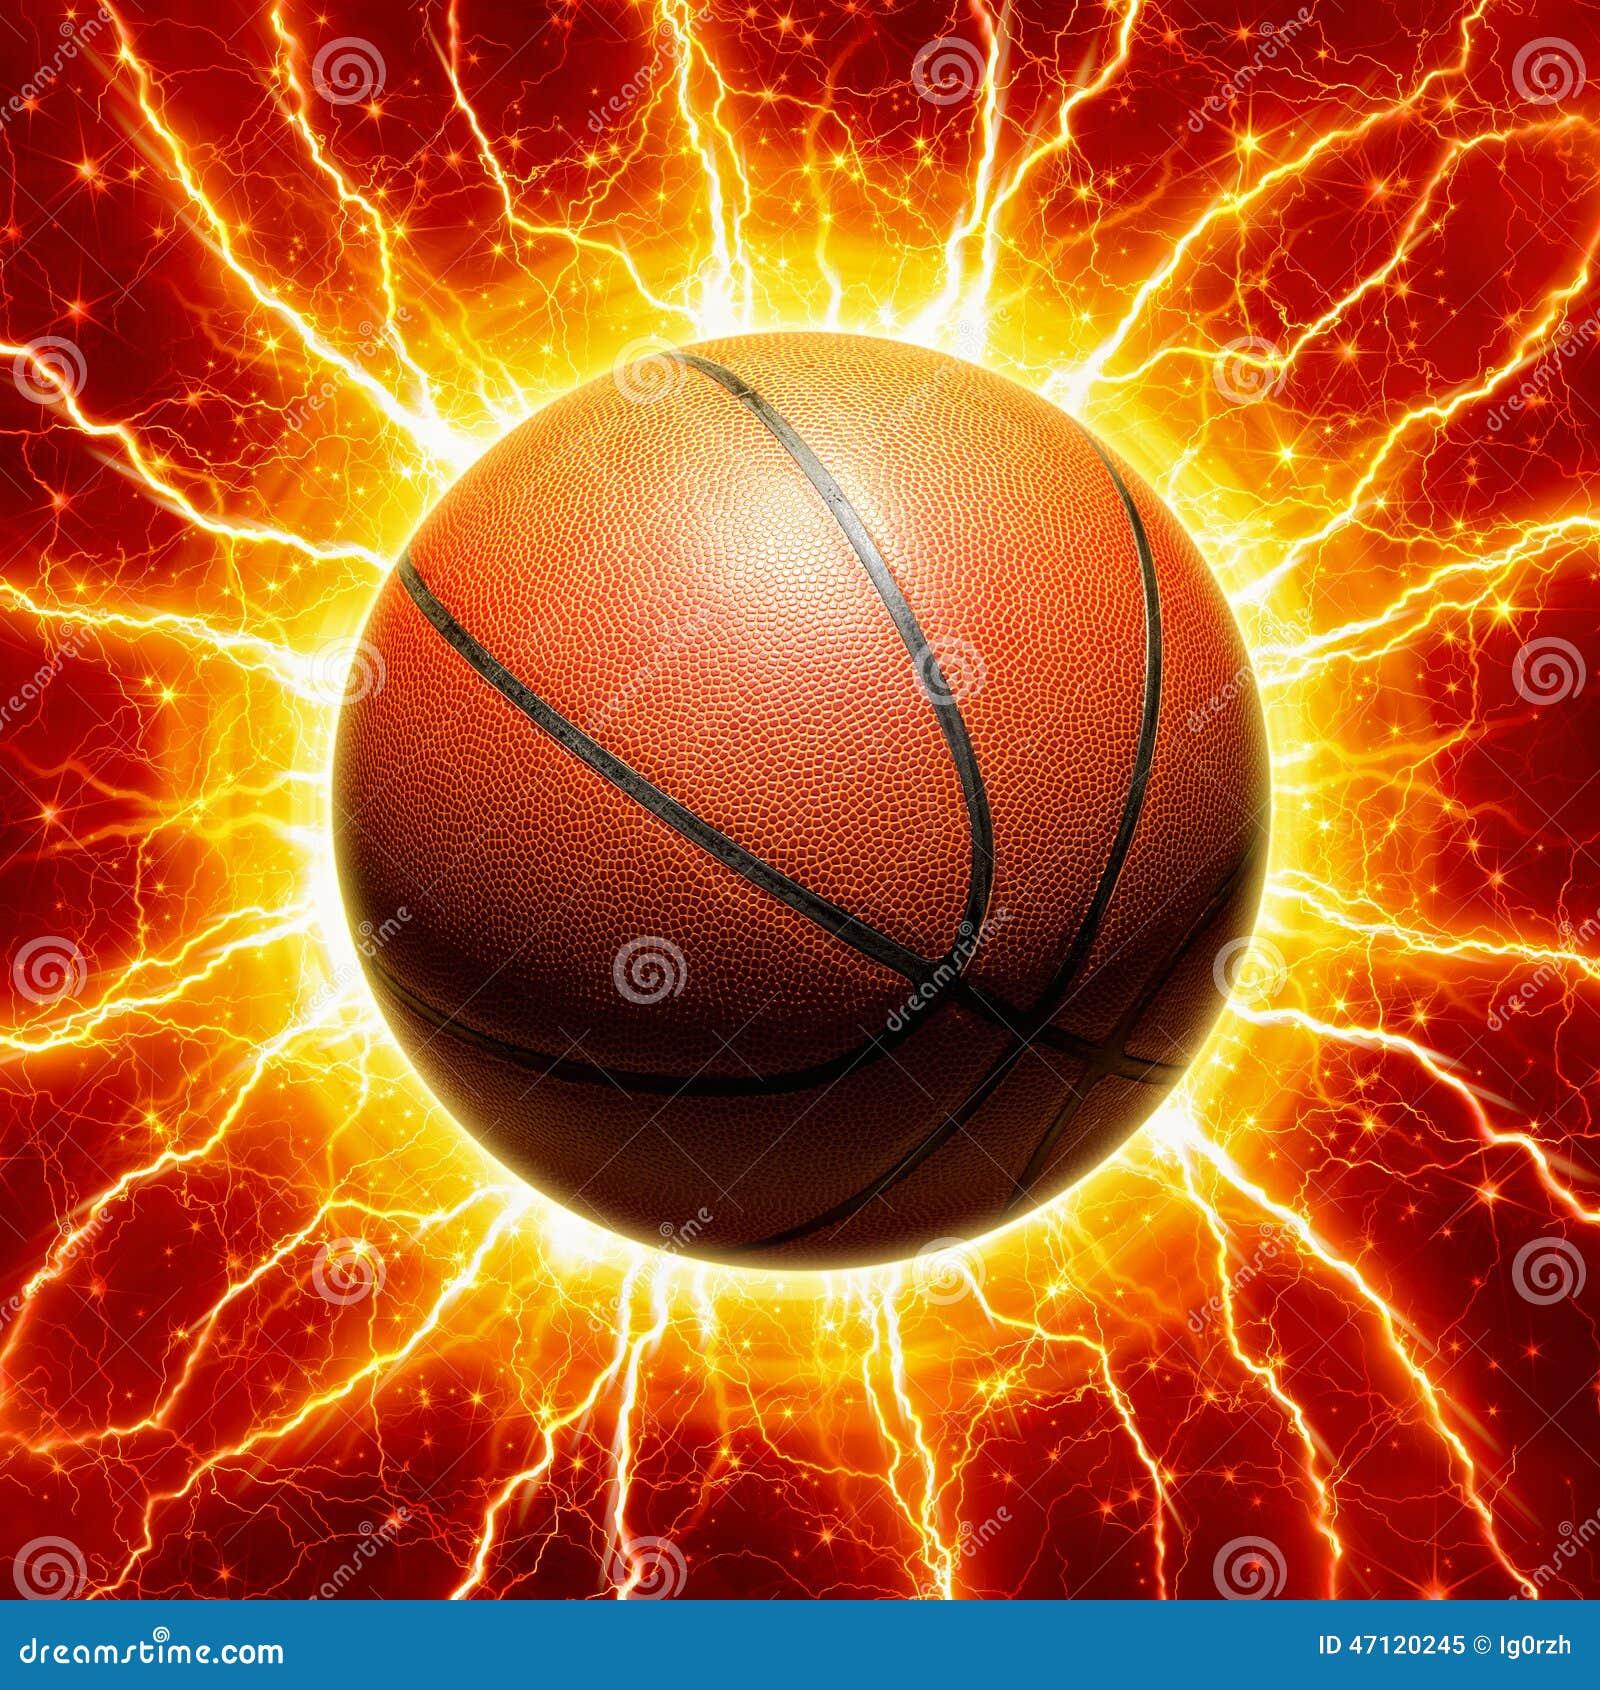 发光的篮球,染黄闪电和星在红色背景.